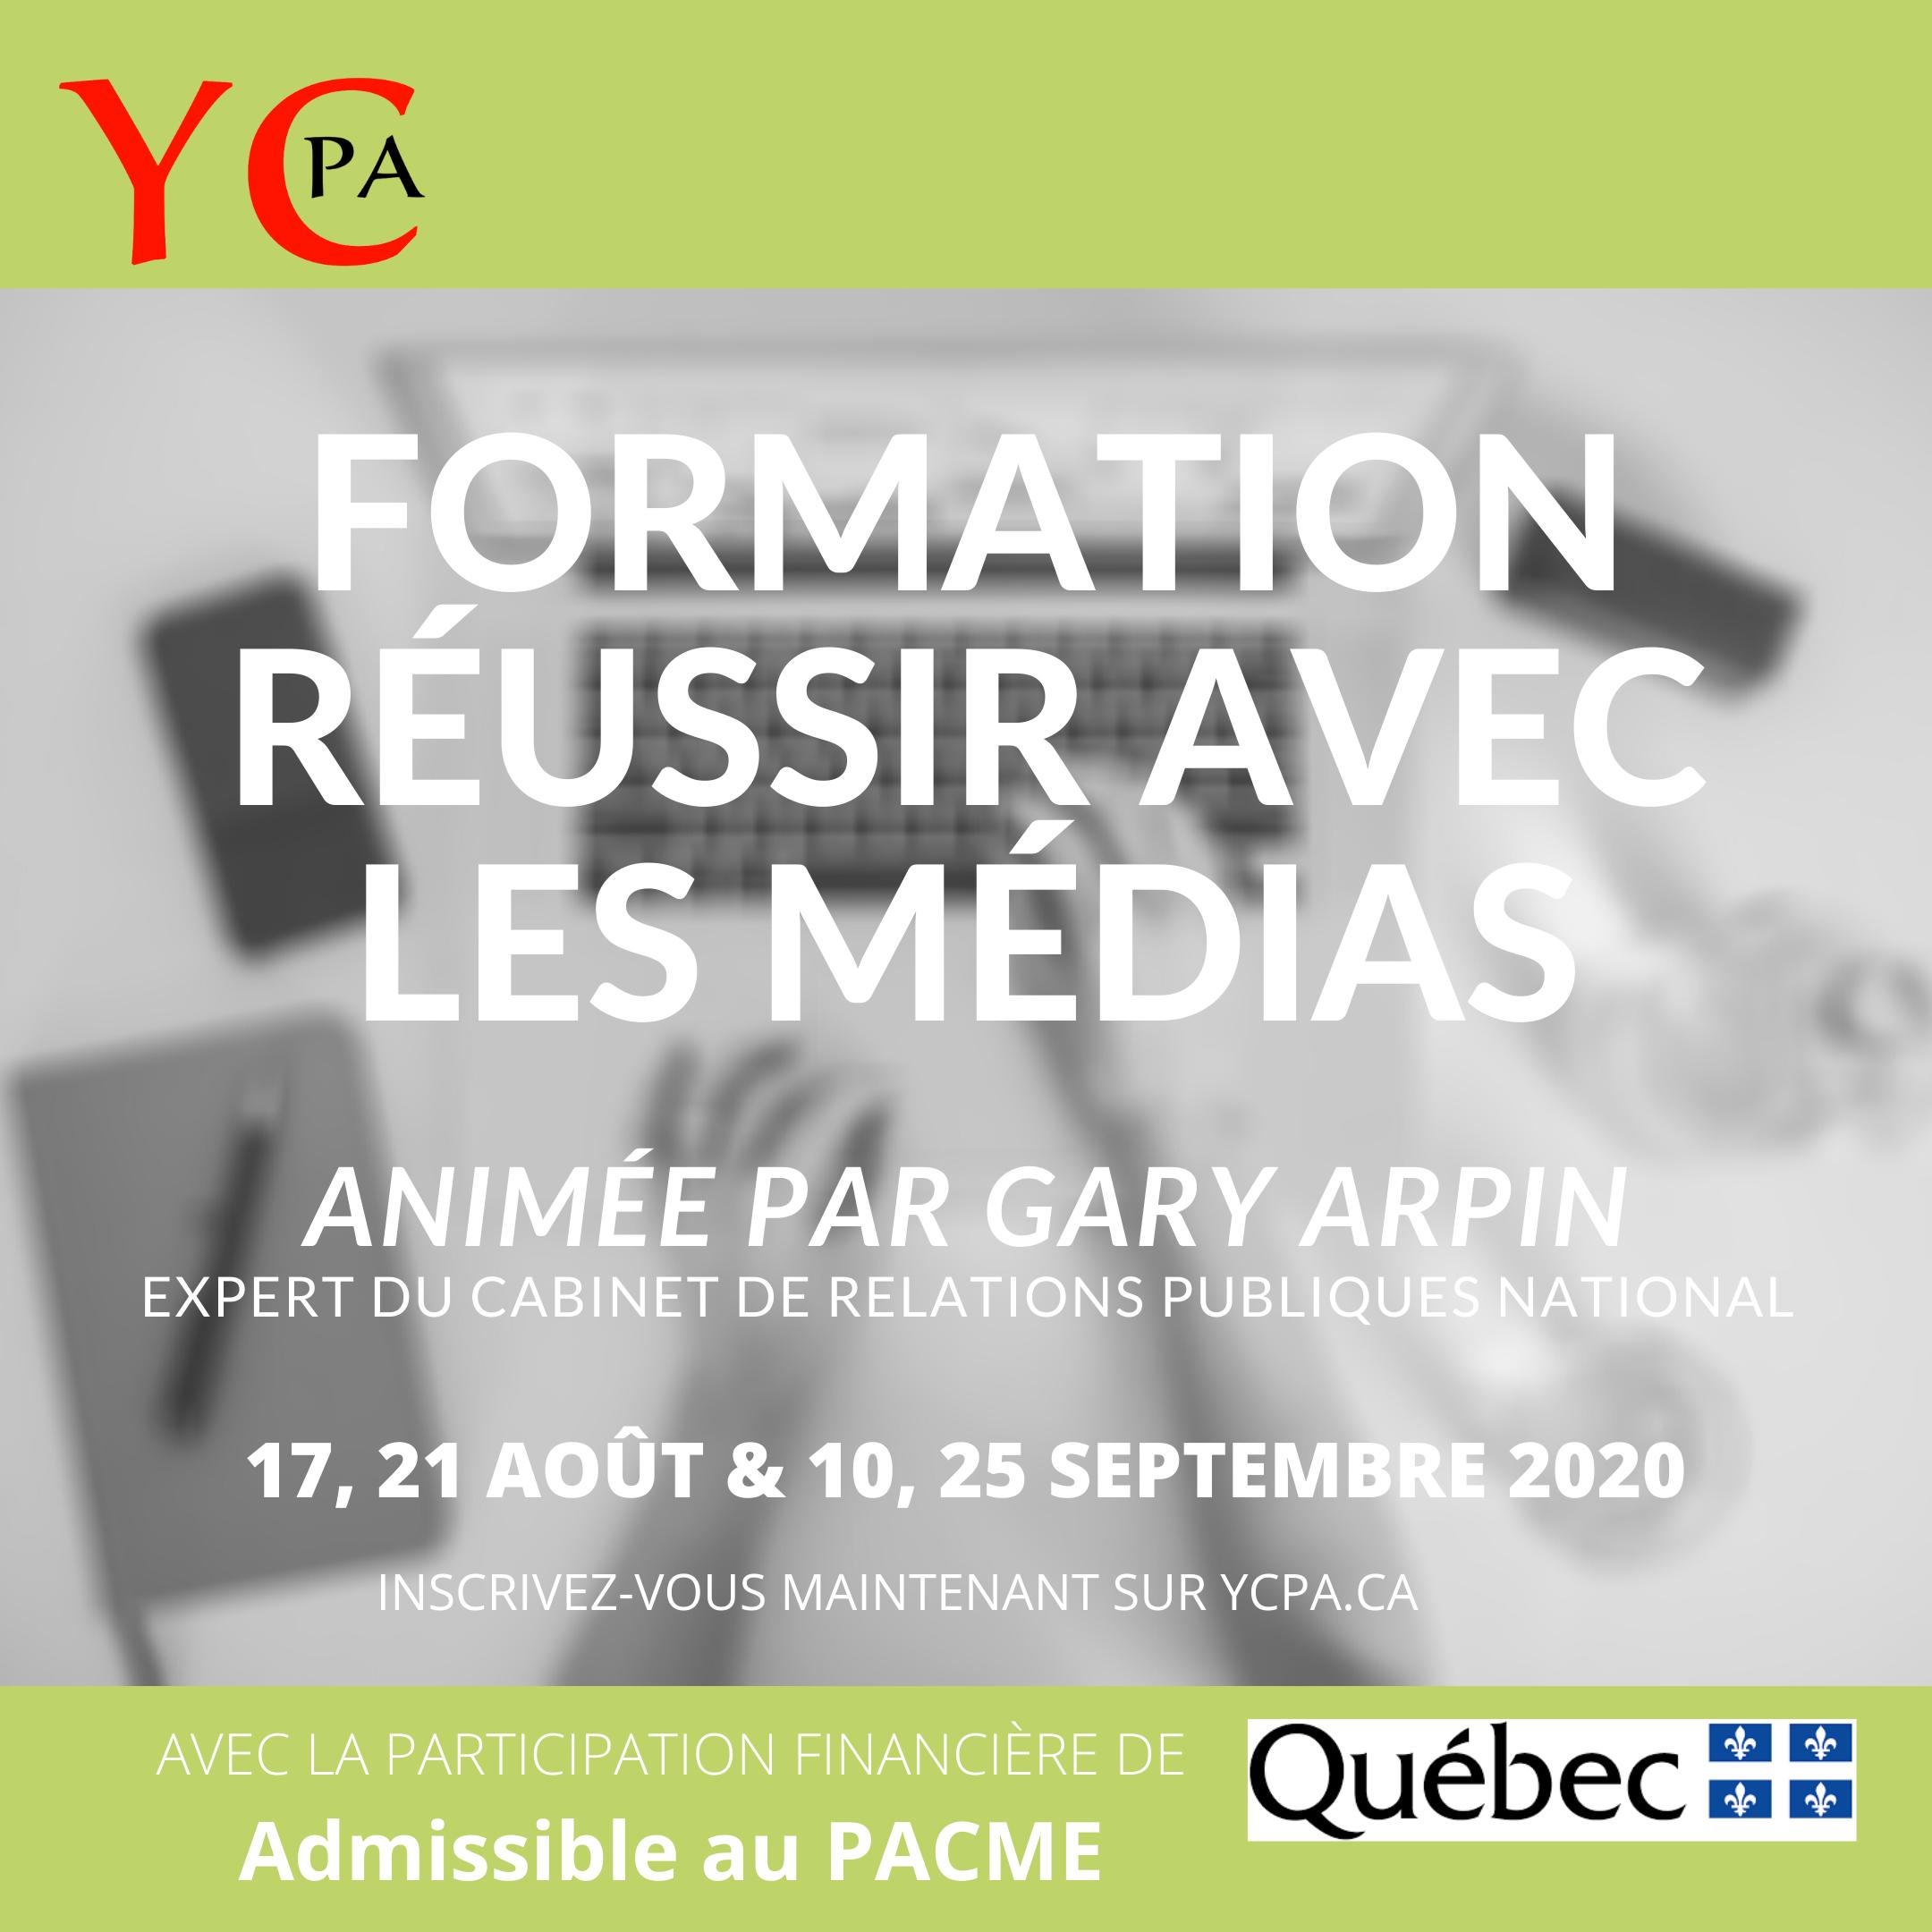 Formation réussir avec les médias - 10 septembre 2020